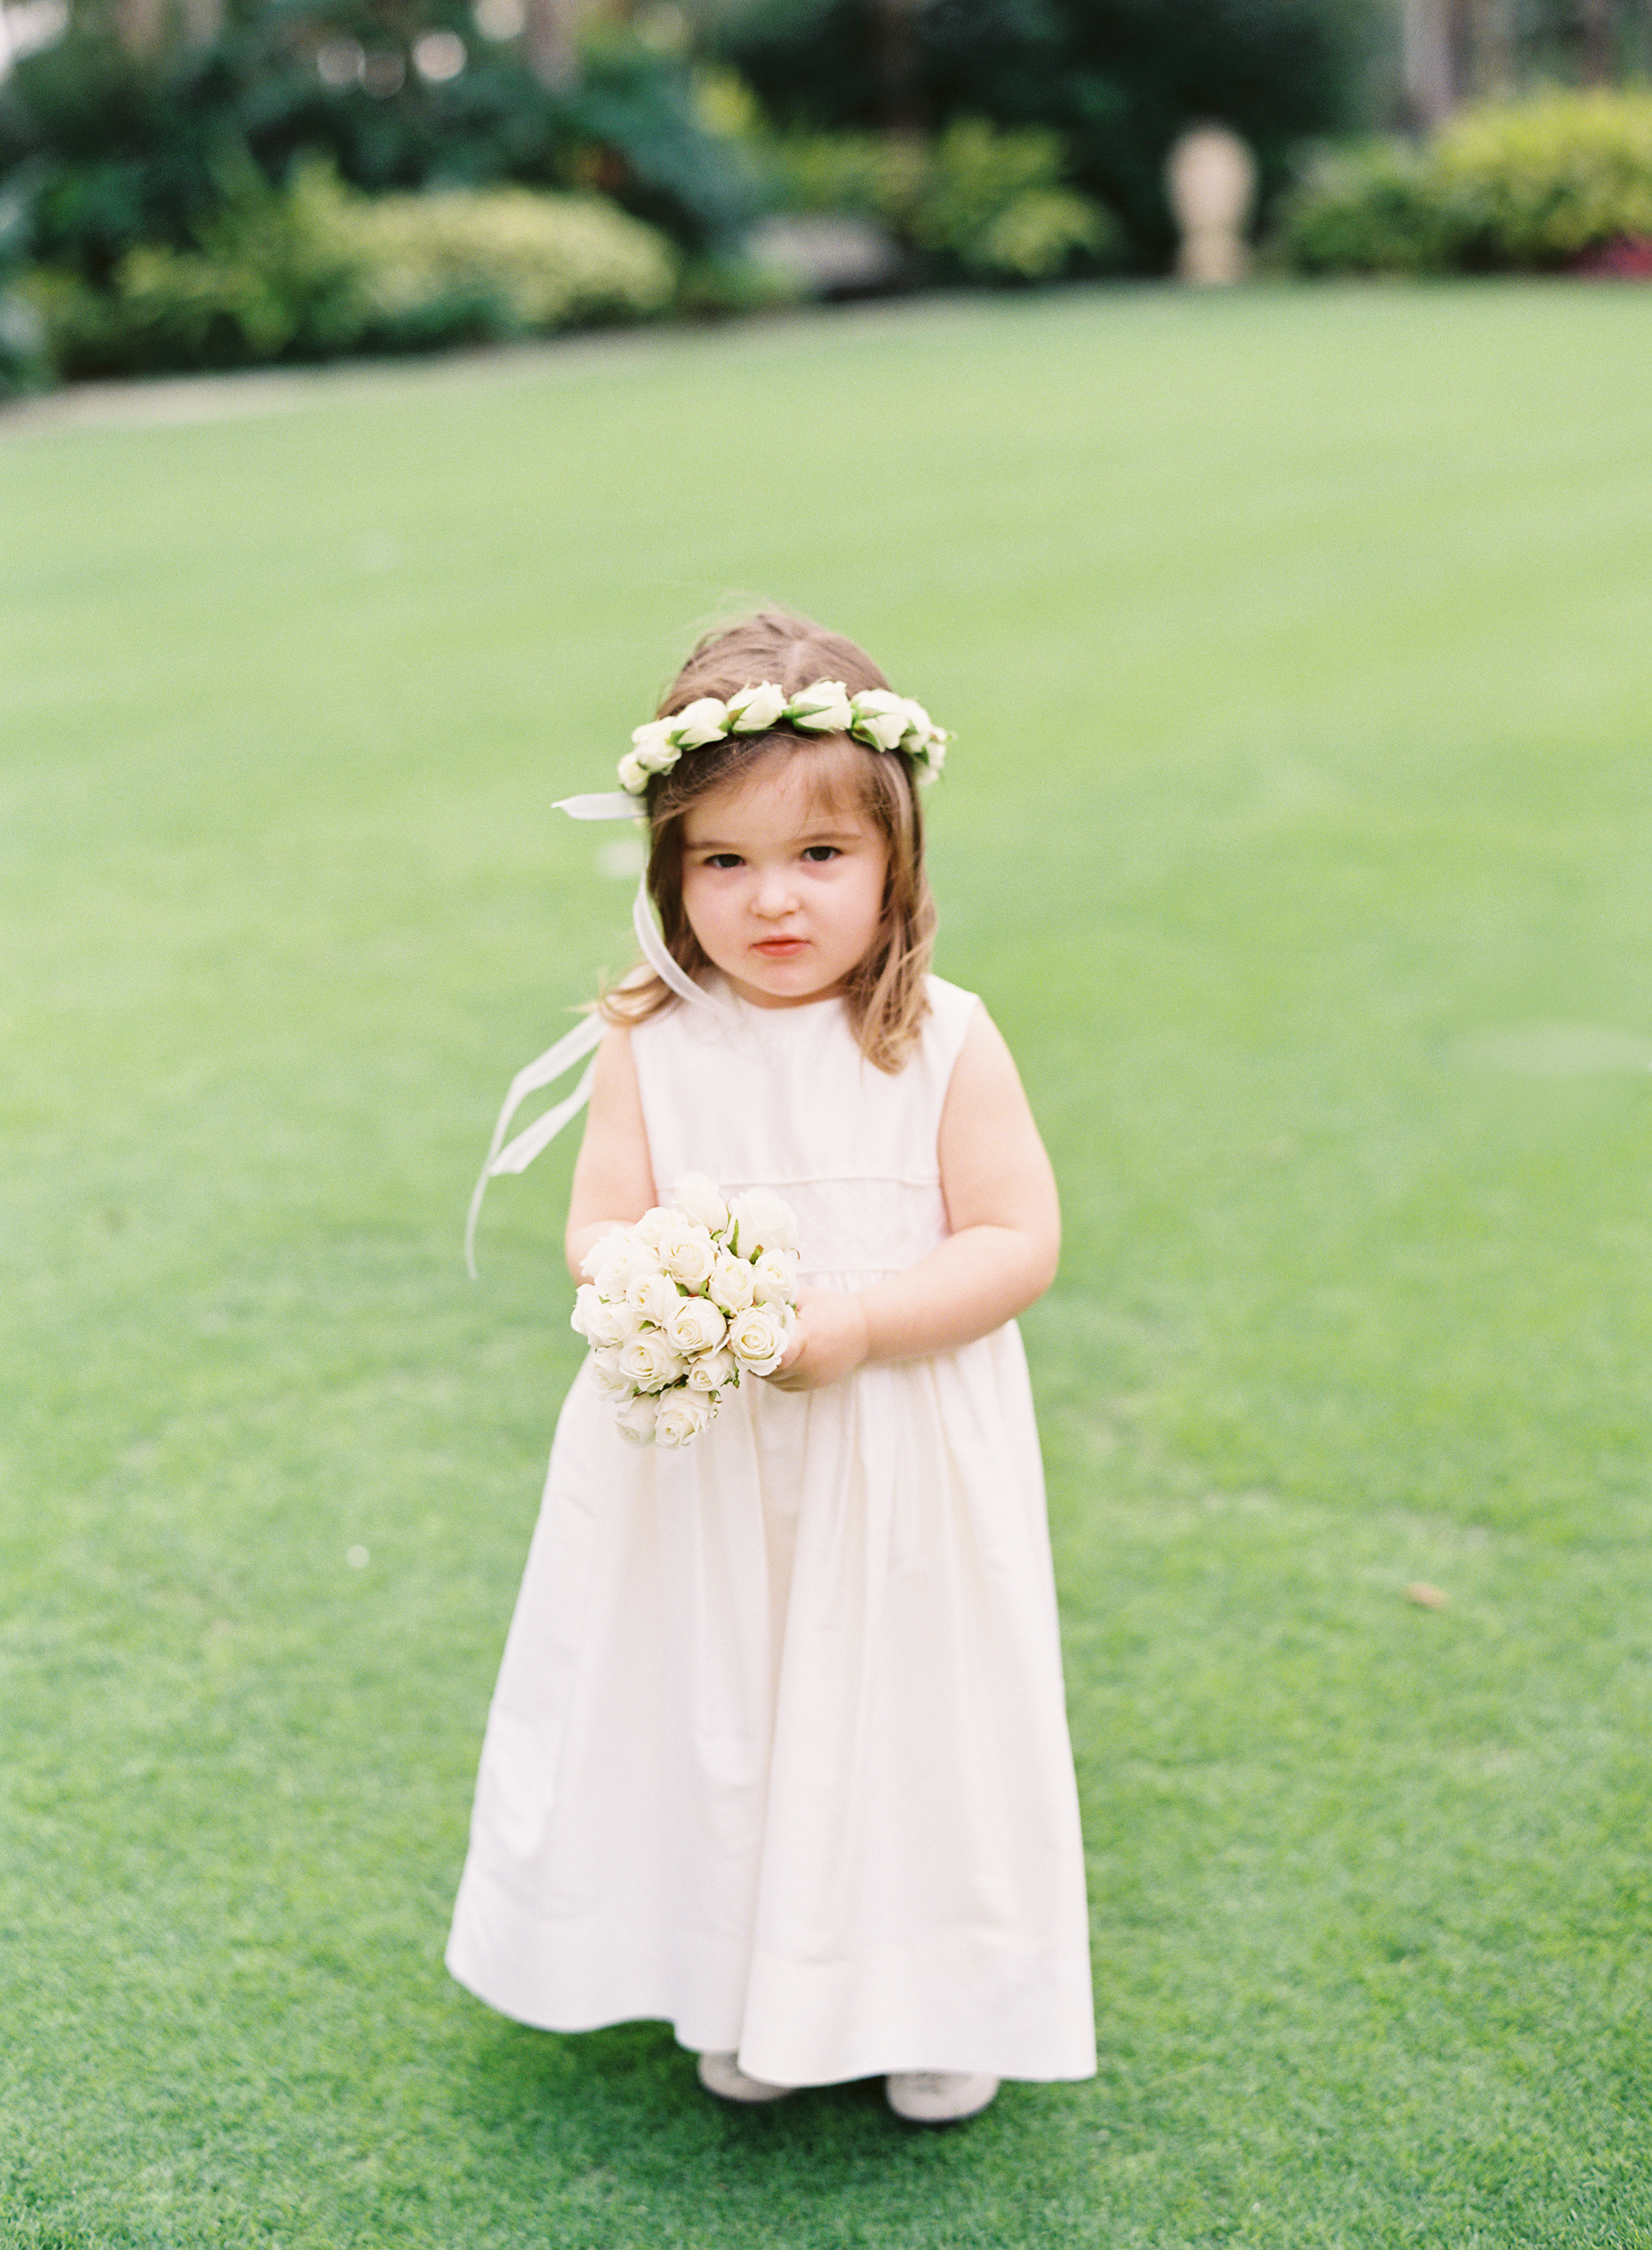 white, green, Flower, Girl, Lawn, Karina mike, Flowers & Decor